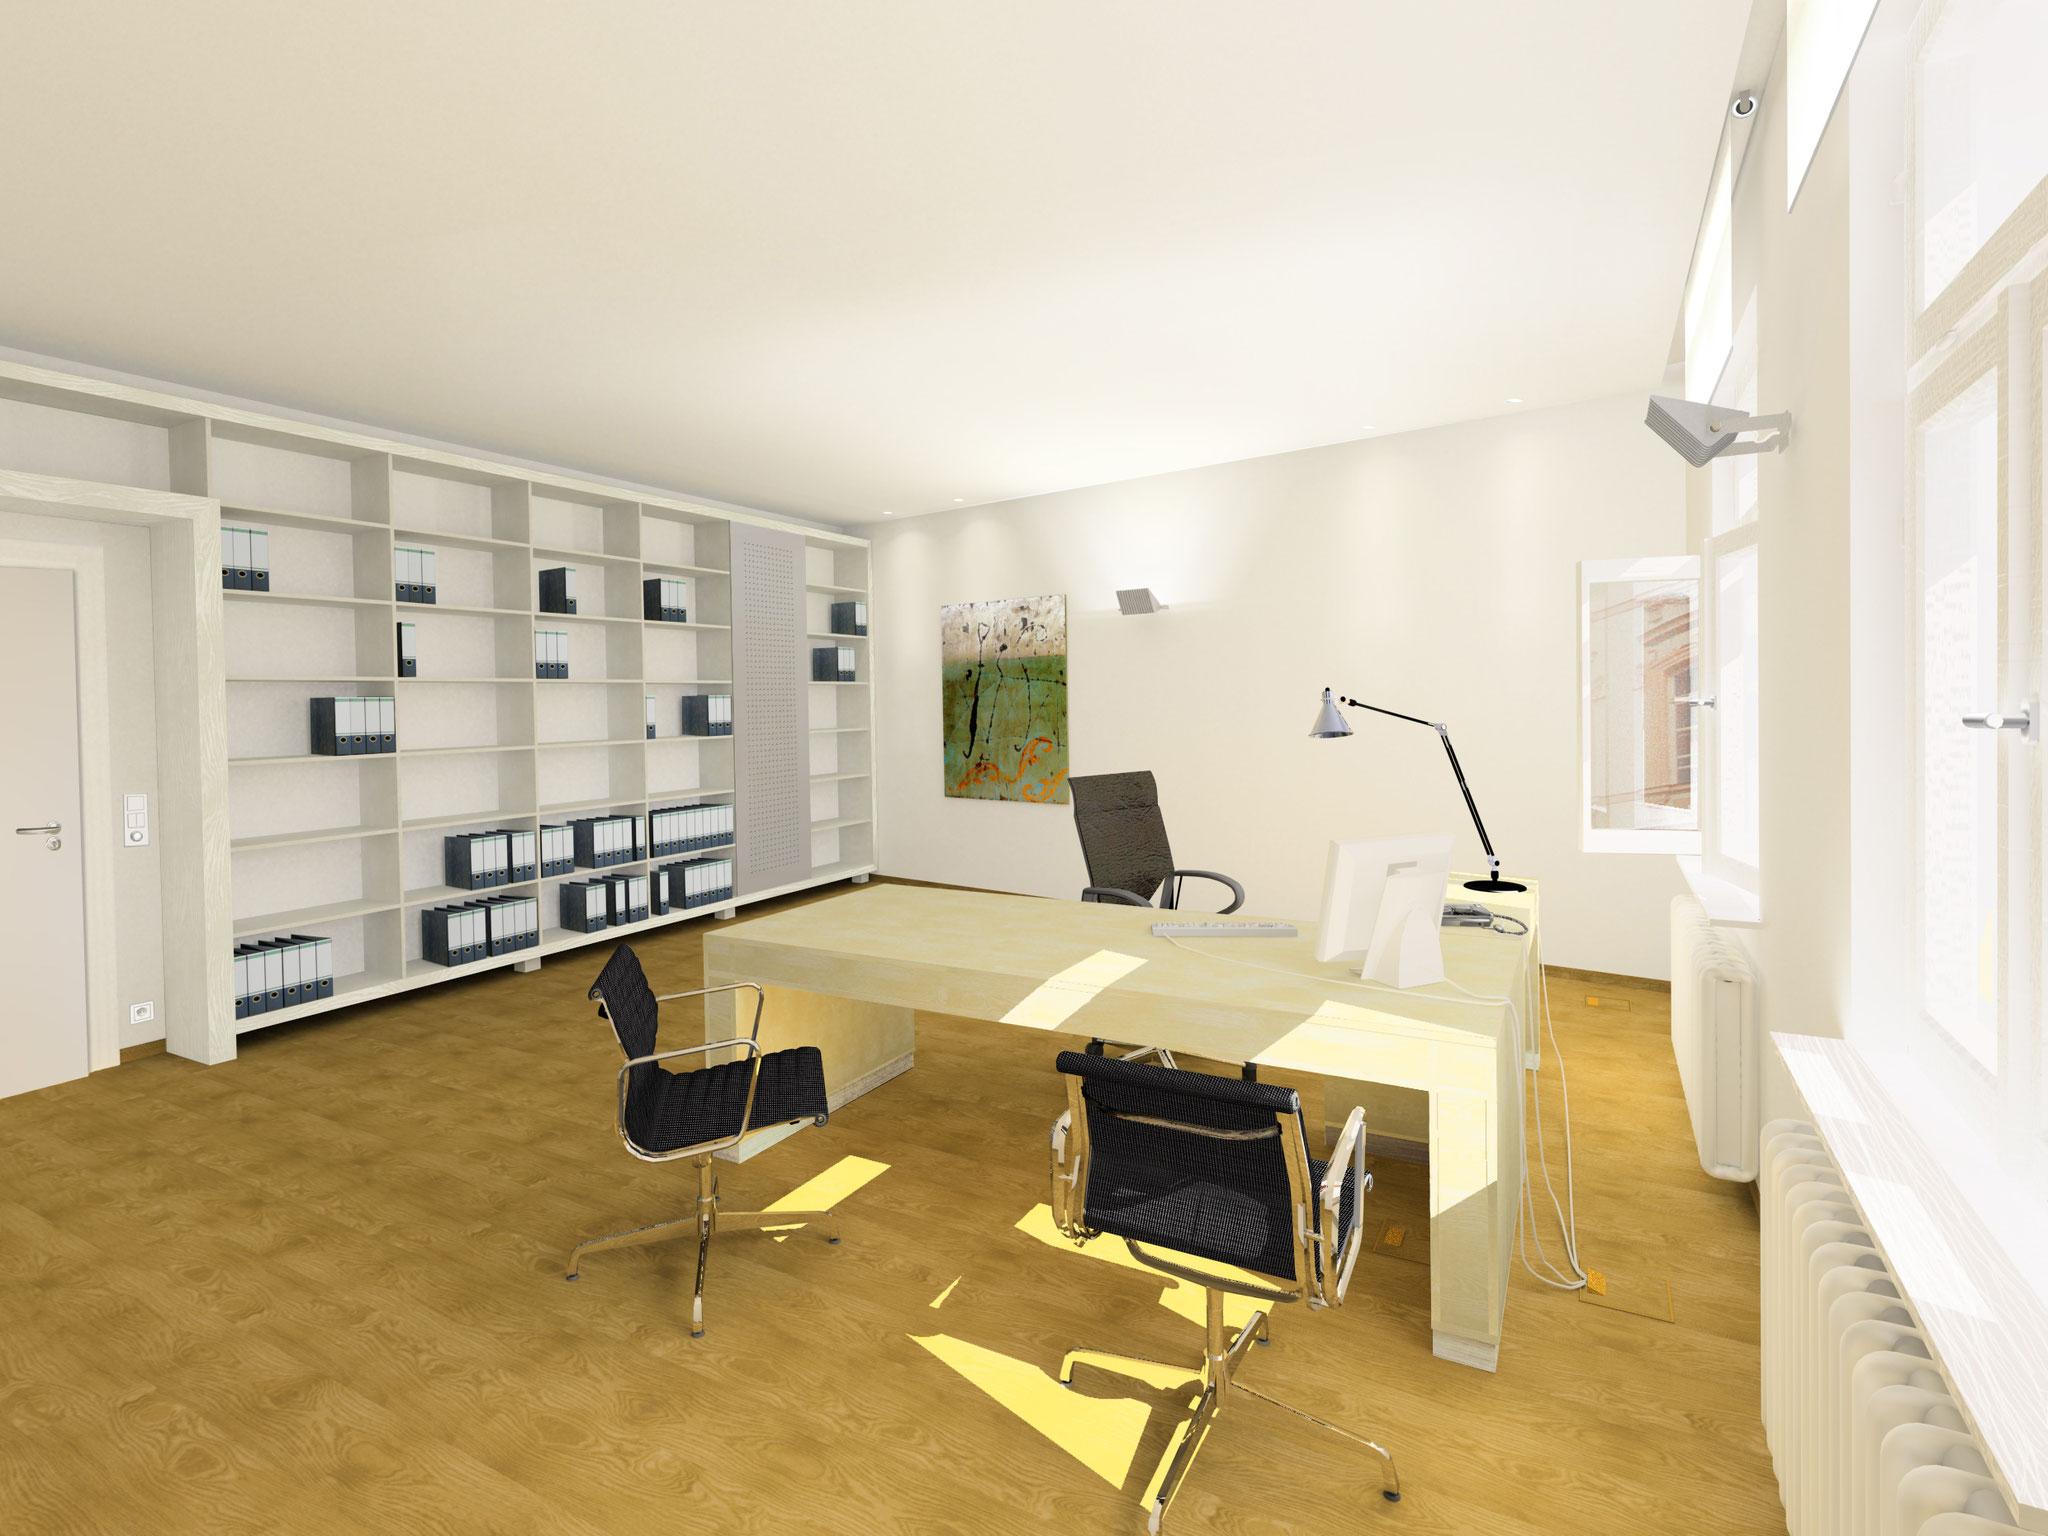 Büroraum inkl. Möbeldesign nach Sanierung und Teilentkernung